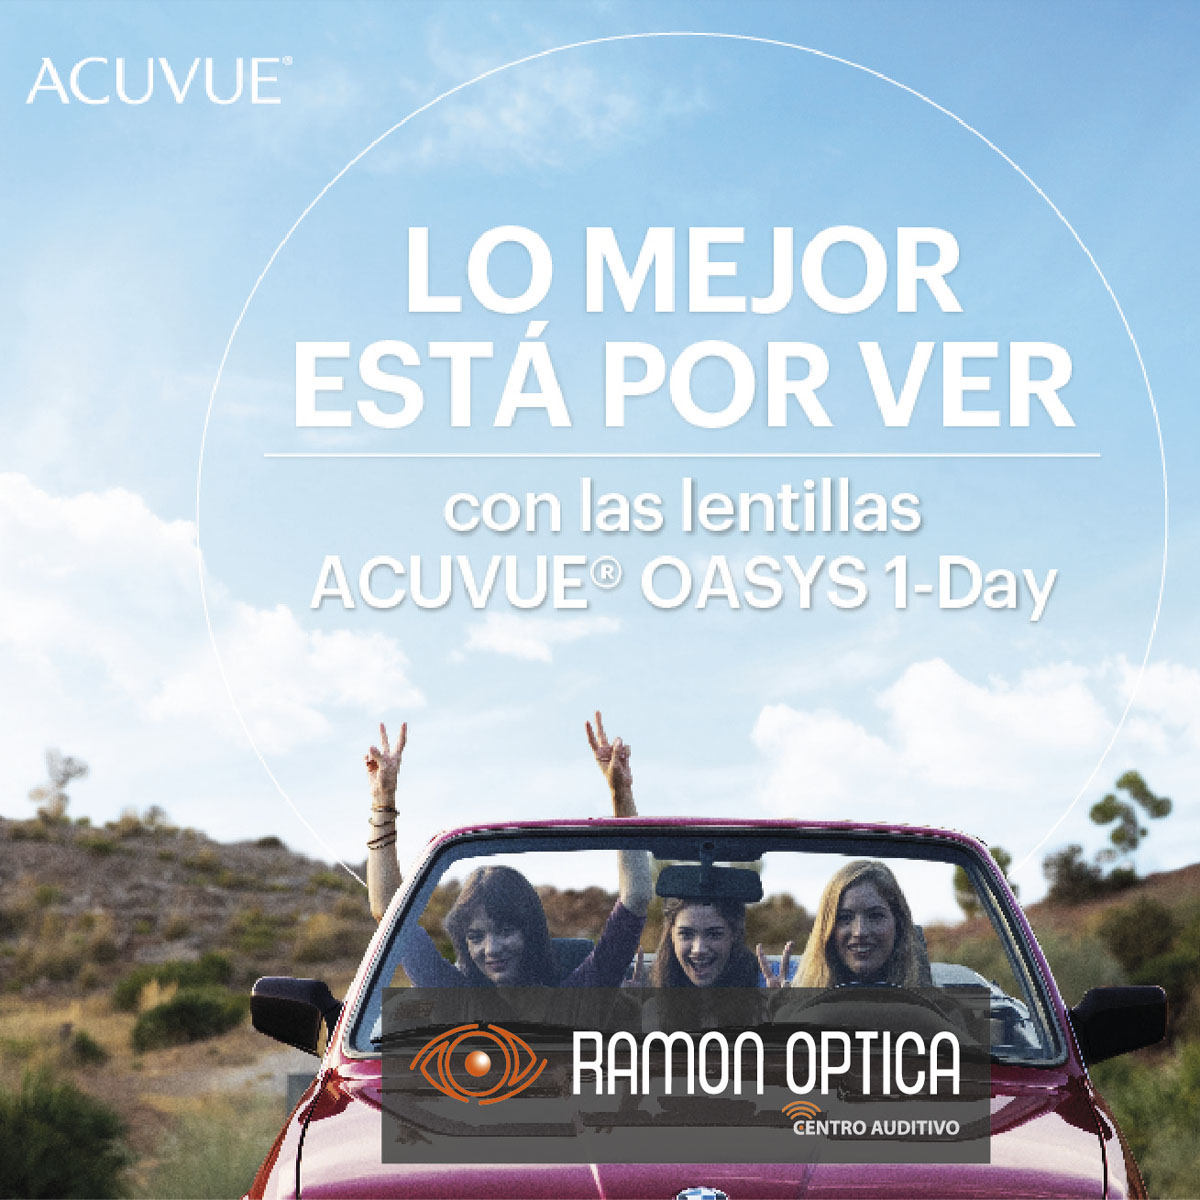 Promoción Acuvue